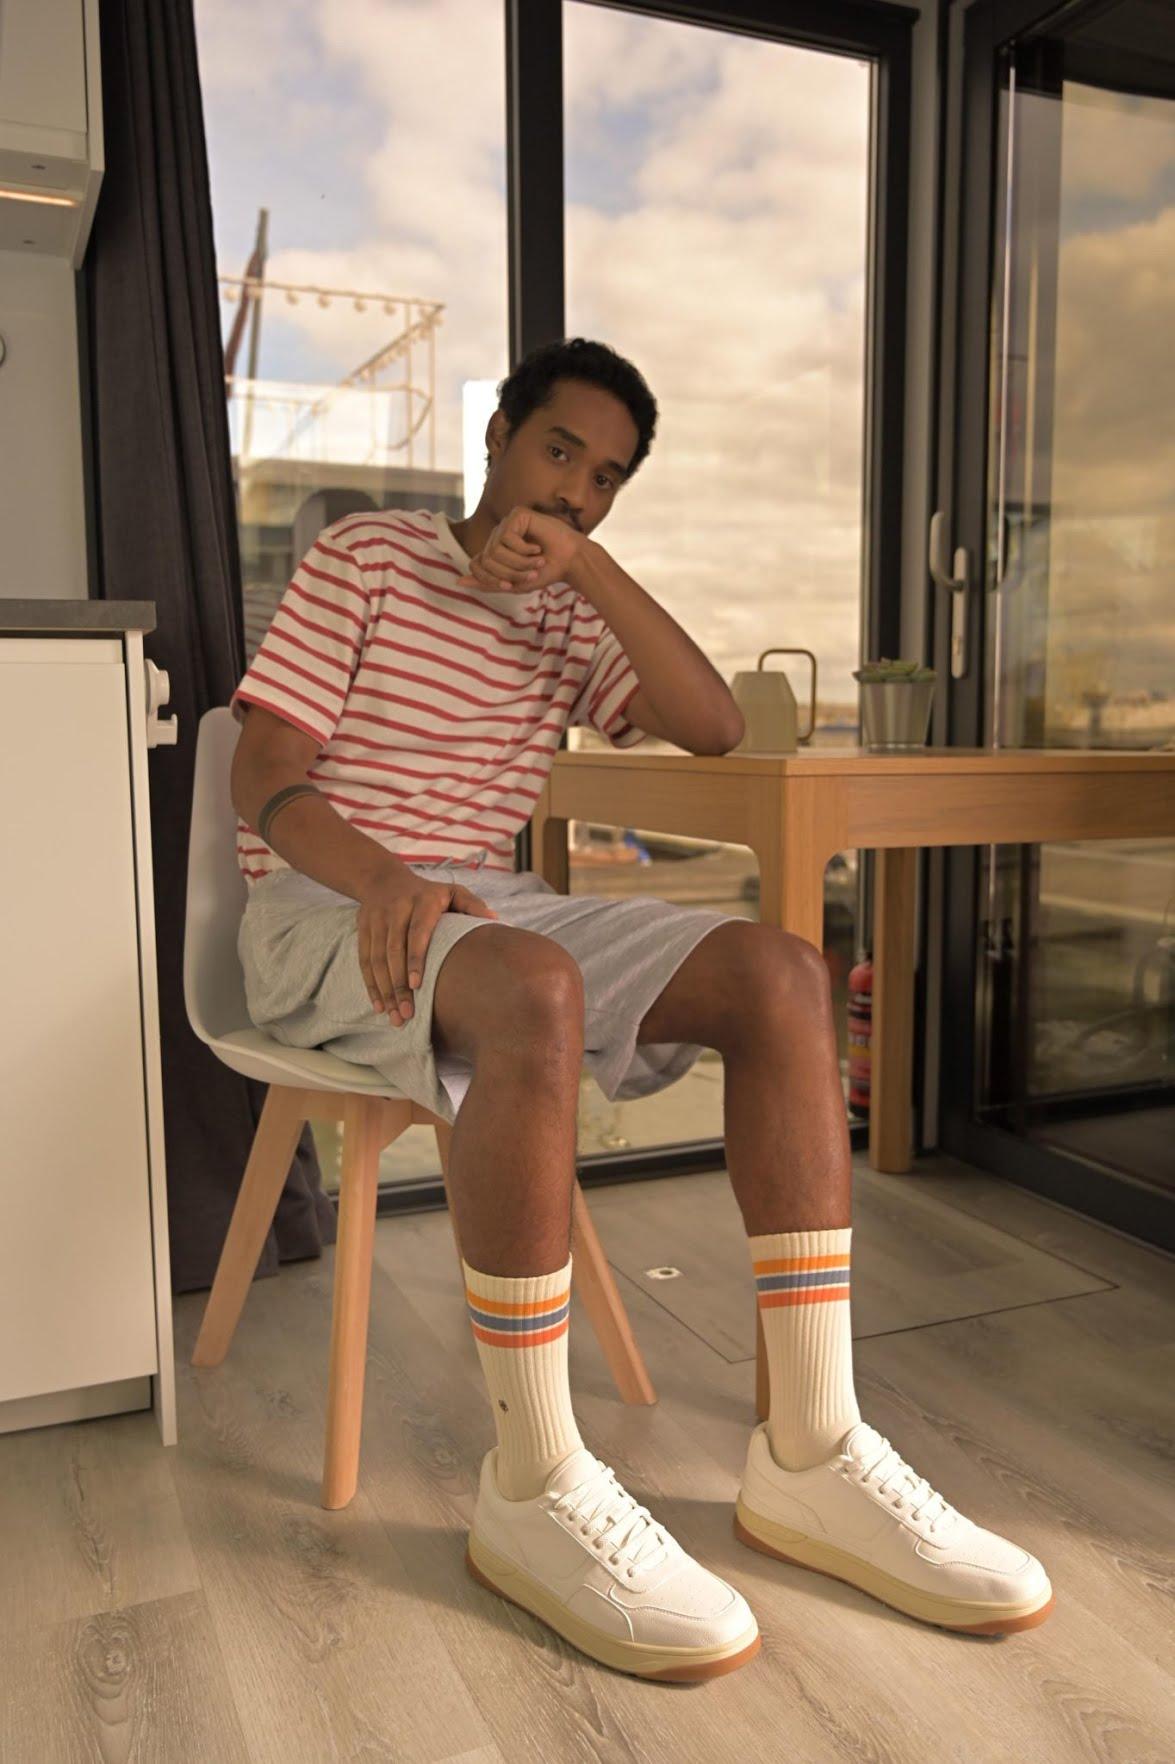 Erwans, nouvelle marque française de chaussettes